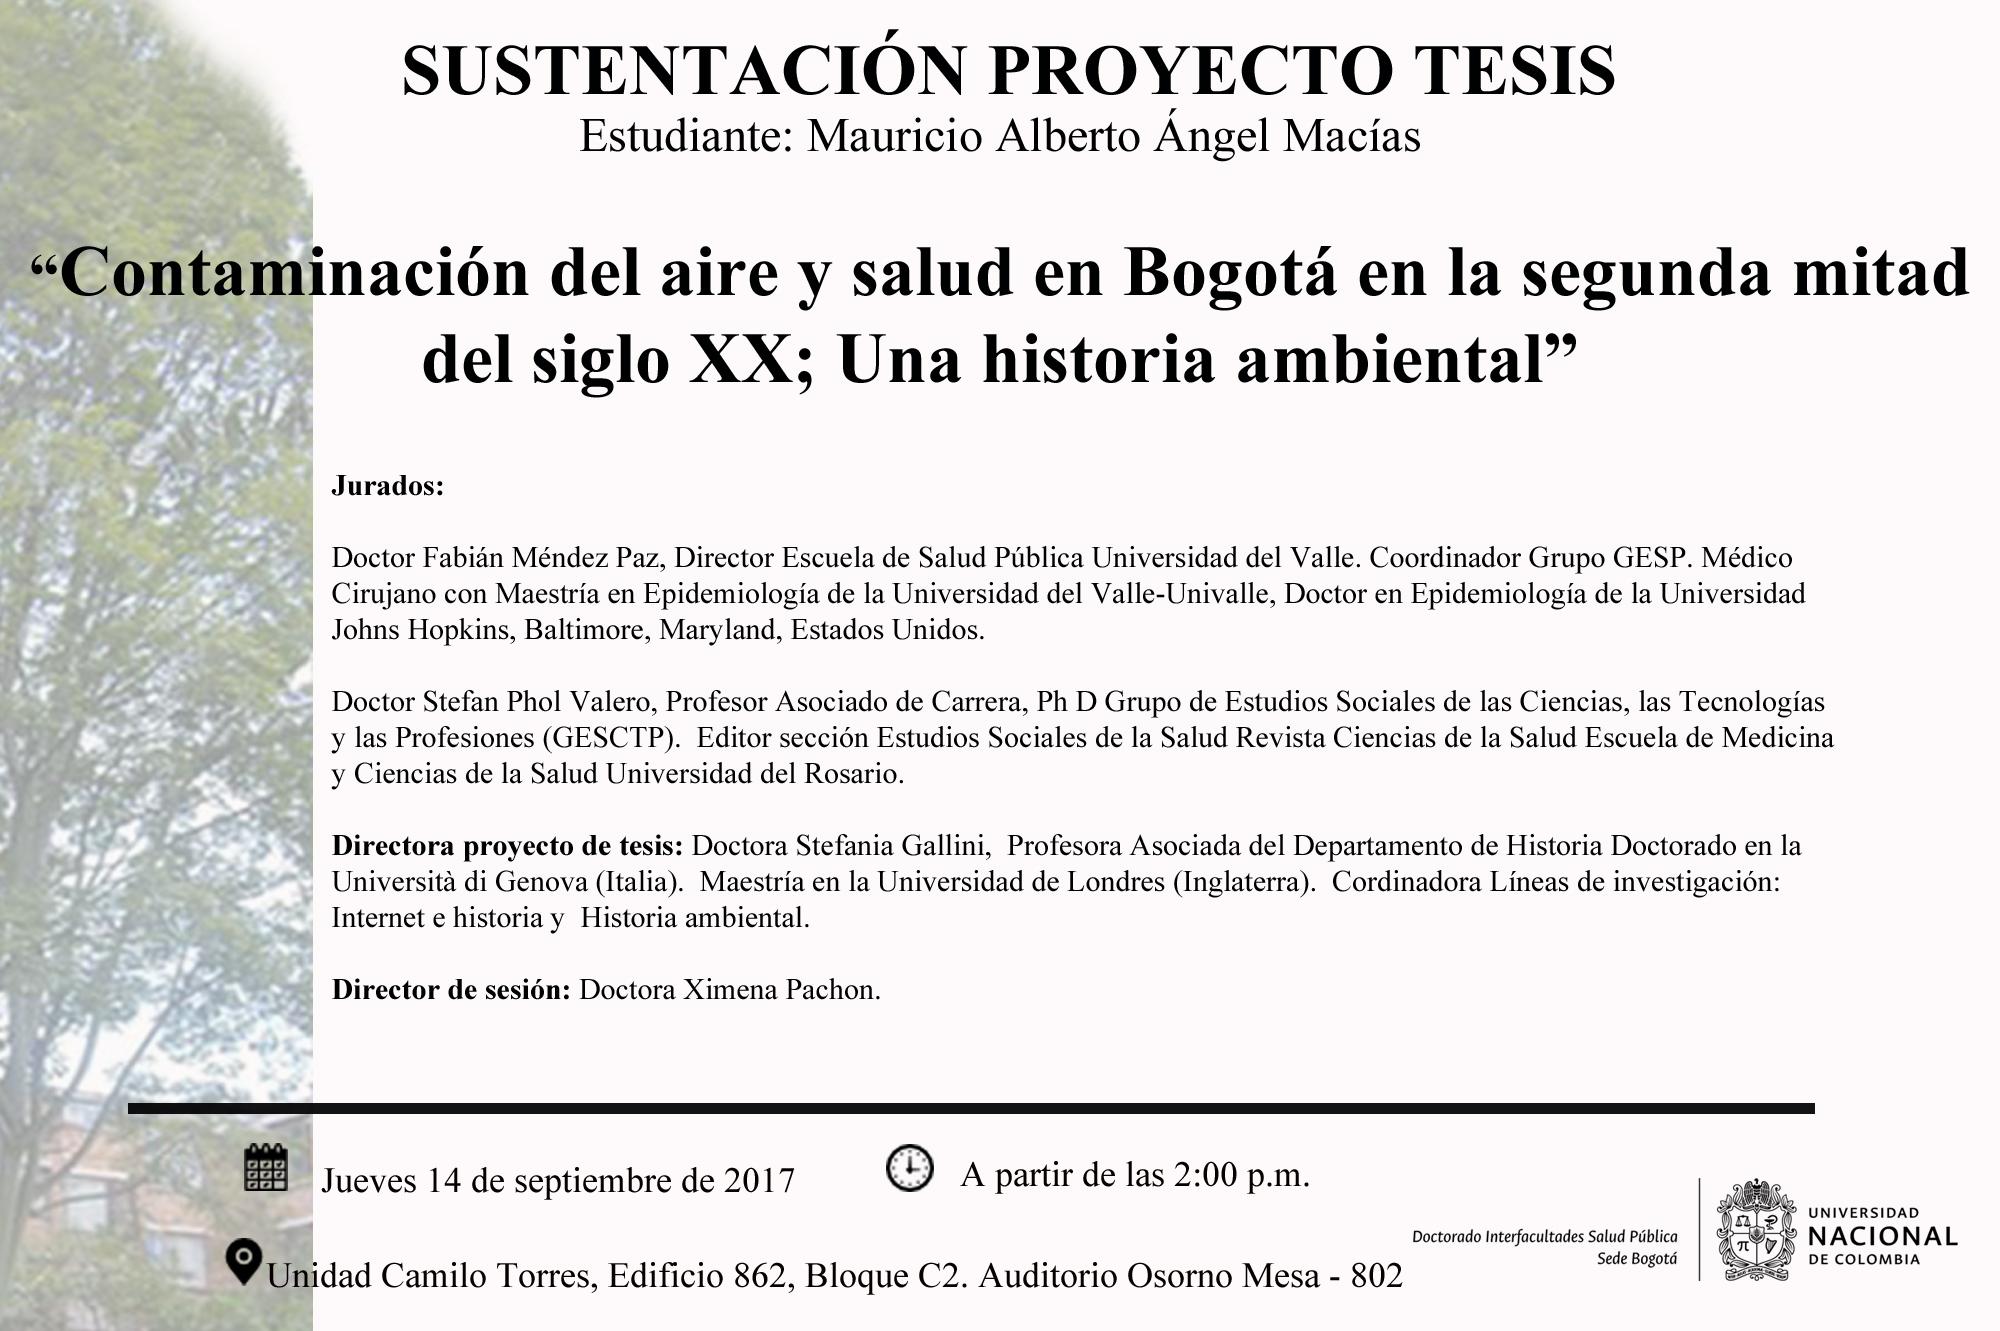 sustentcion proyecto de tesis_Mauricio Alberto Ángel Macías (1)